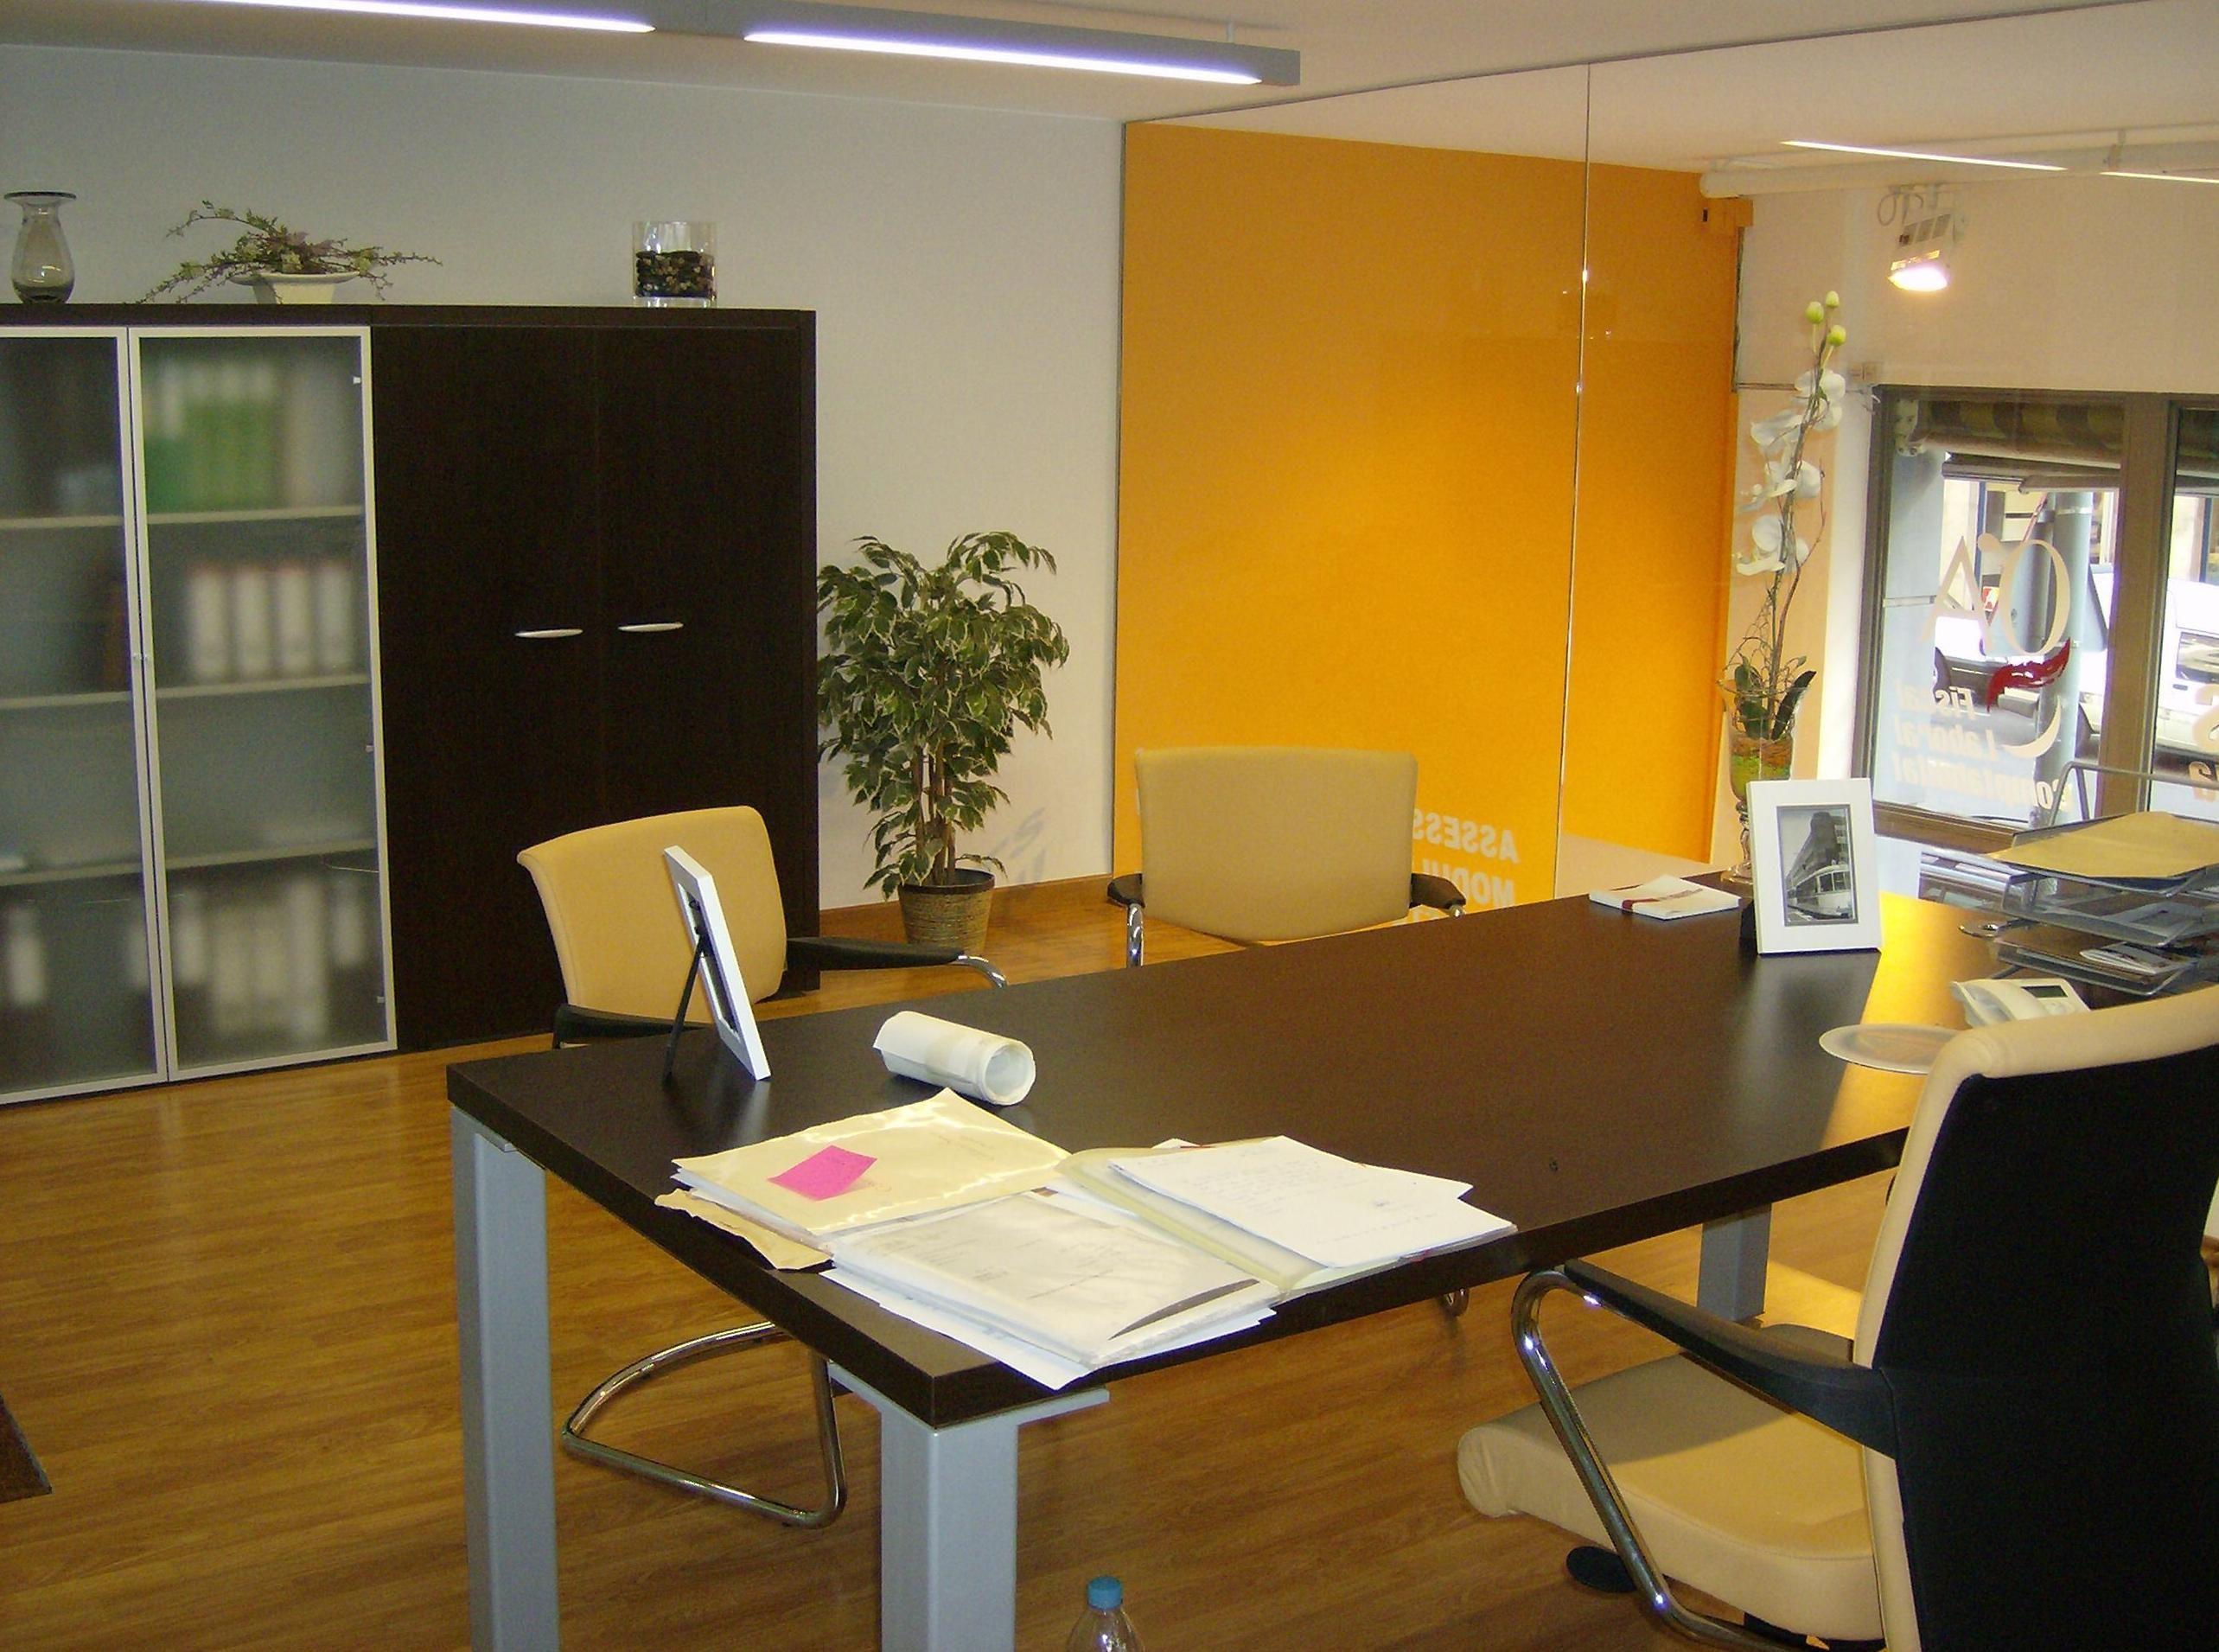 Asesor a integral de empresas en gr cia barcelona - Empresas constructoras en barcelona ...